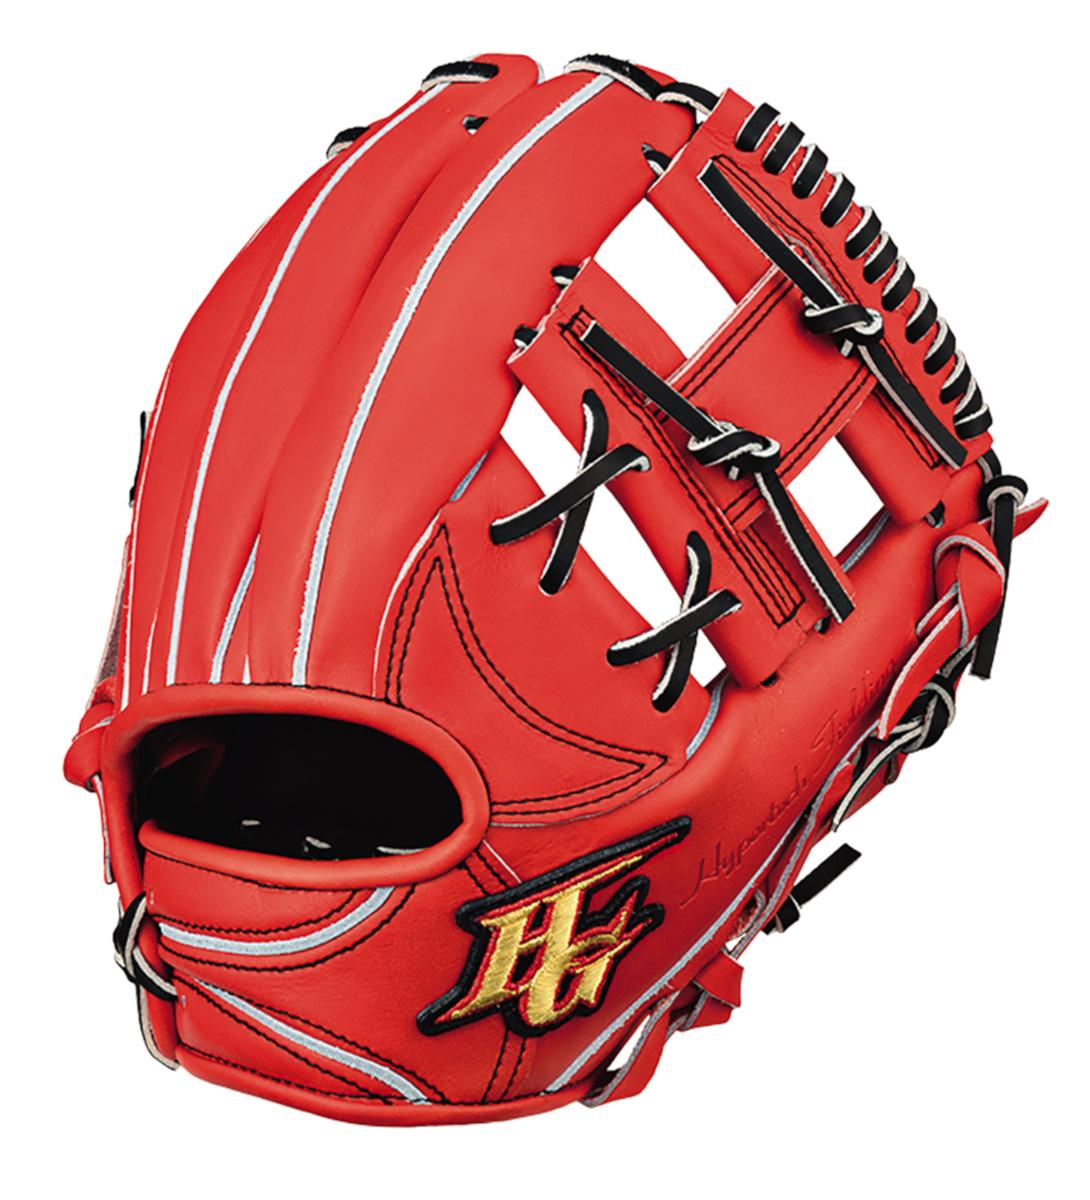 ハイゴールド 硬式野球グラブ 心極(和牛シリーズ) 二塁手用グローブ ファイヤーオレンジ×ブラック 右投げ KKG2004FOR 送料無料 2020年モデル